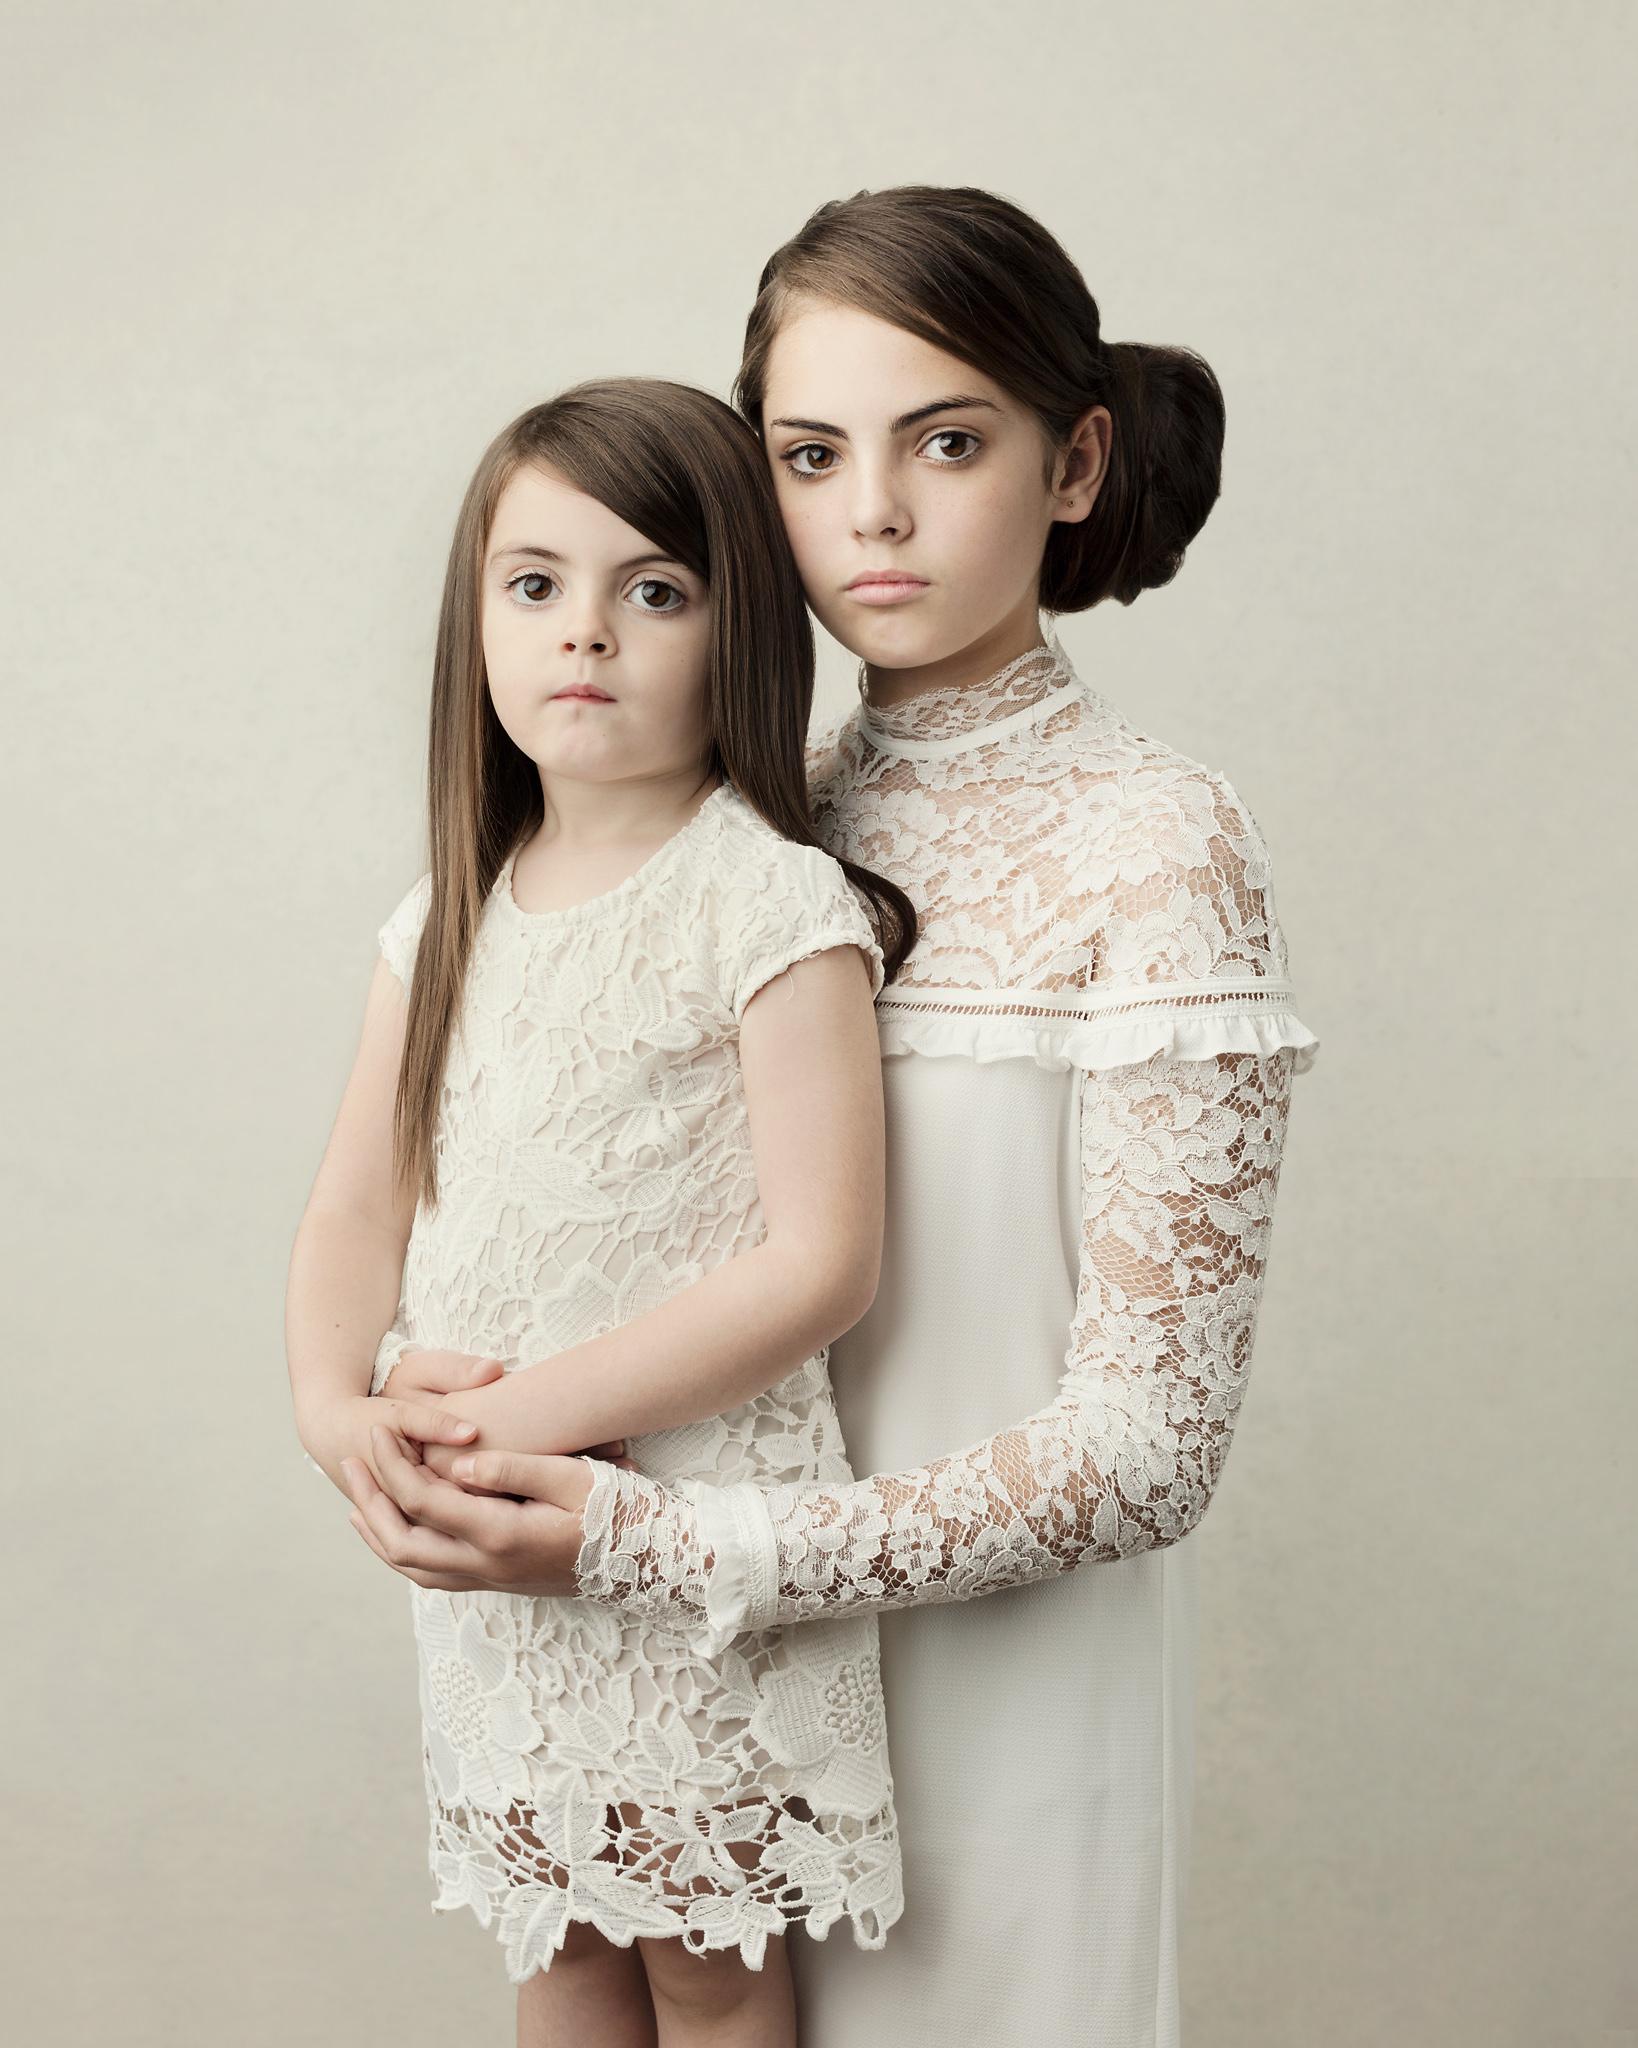 Isabella and sister Indiana